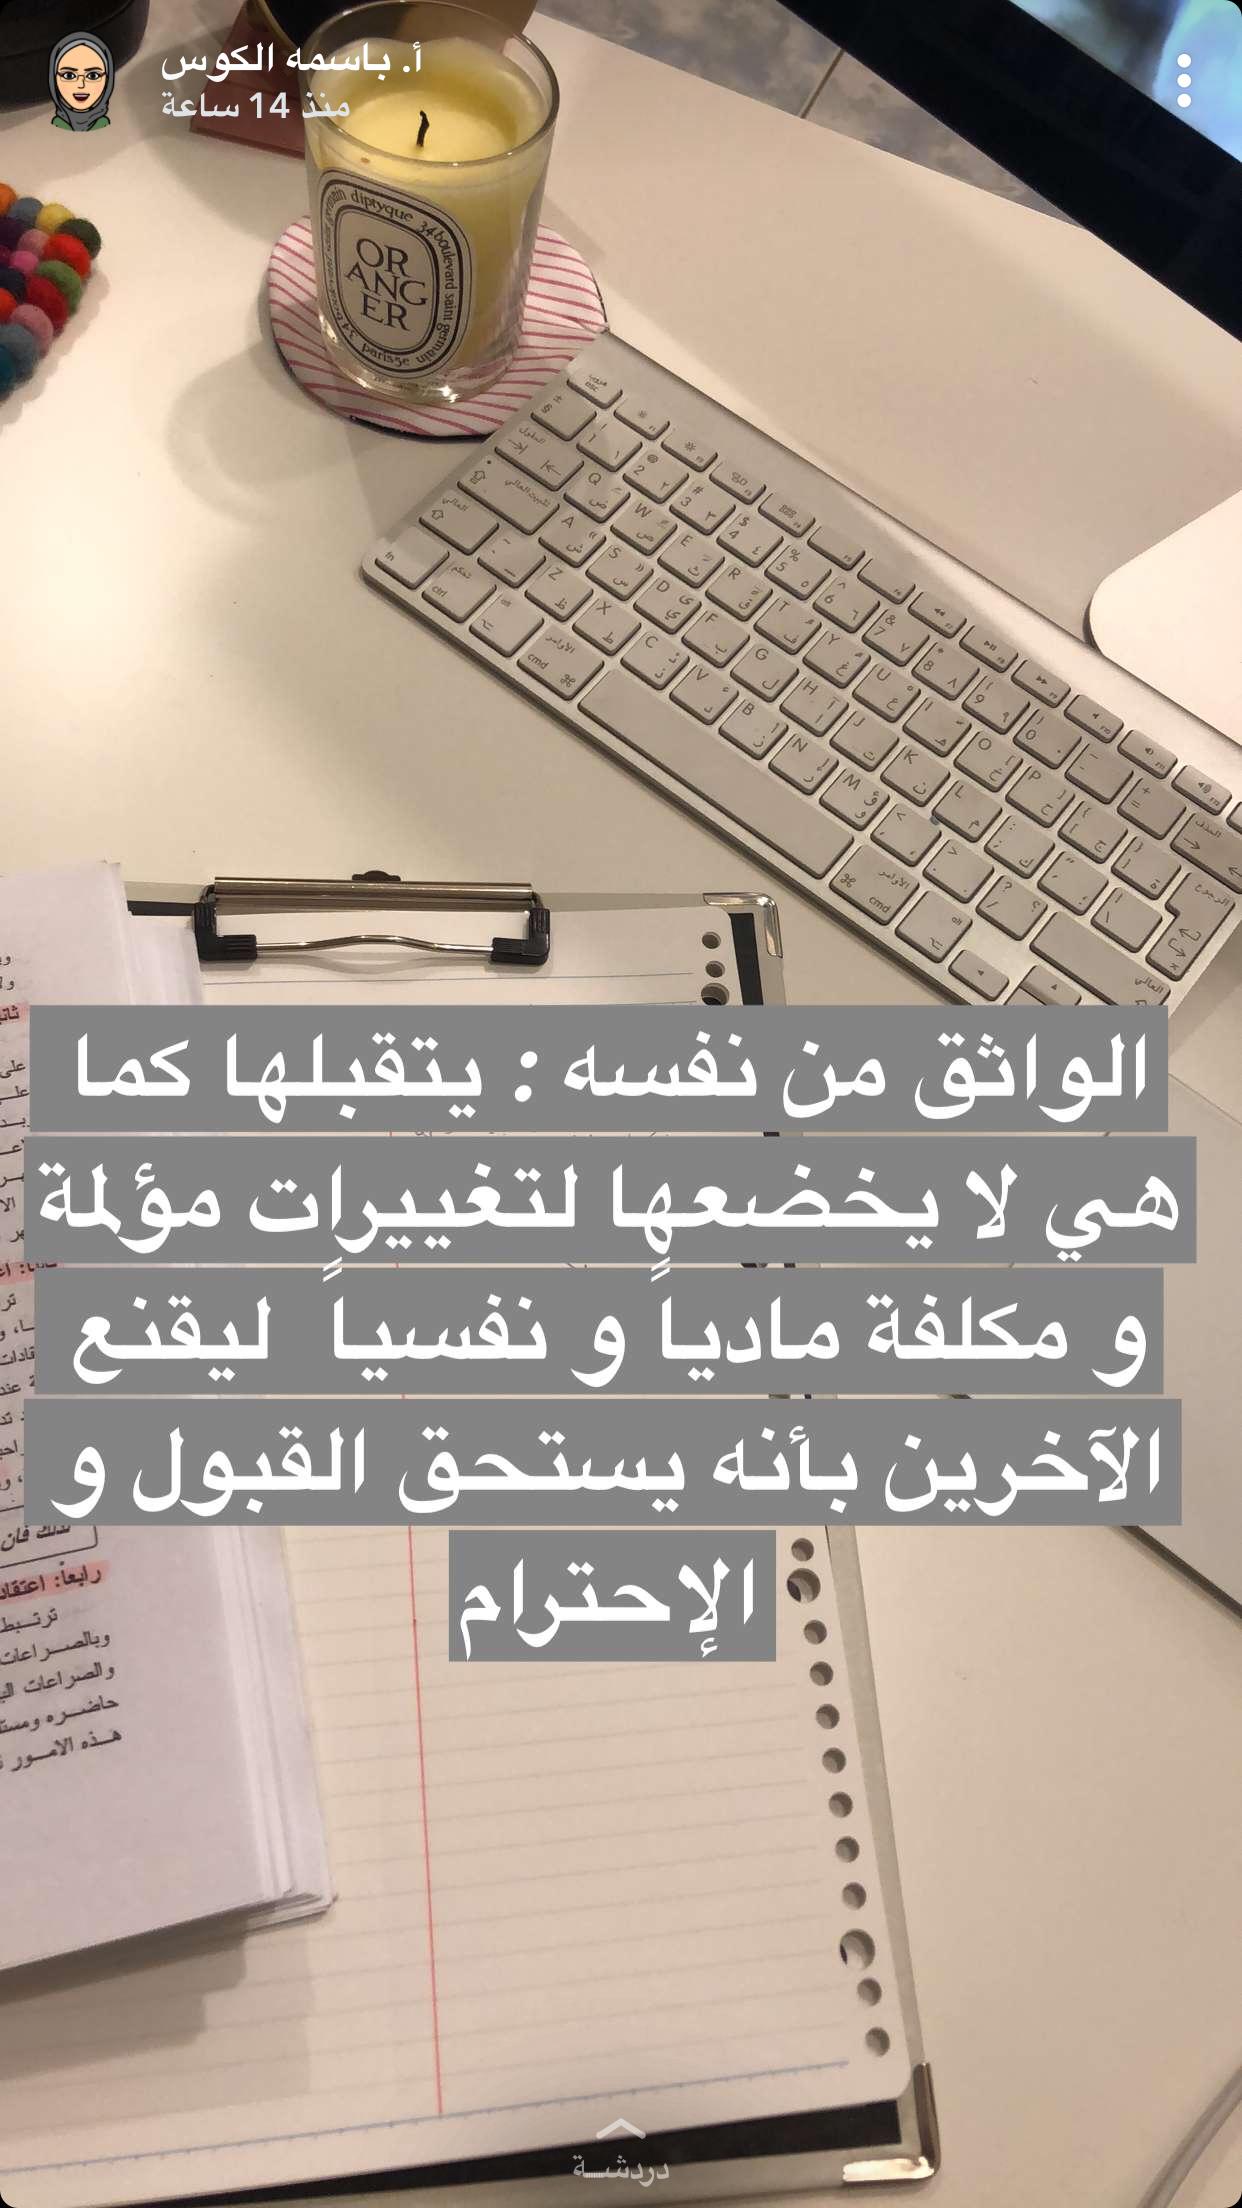 الواثق Ispirational Quotes Wisdom Quotes Life Arabic Quotes